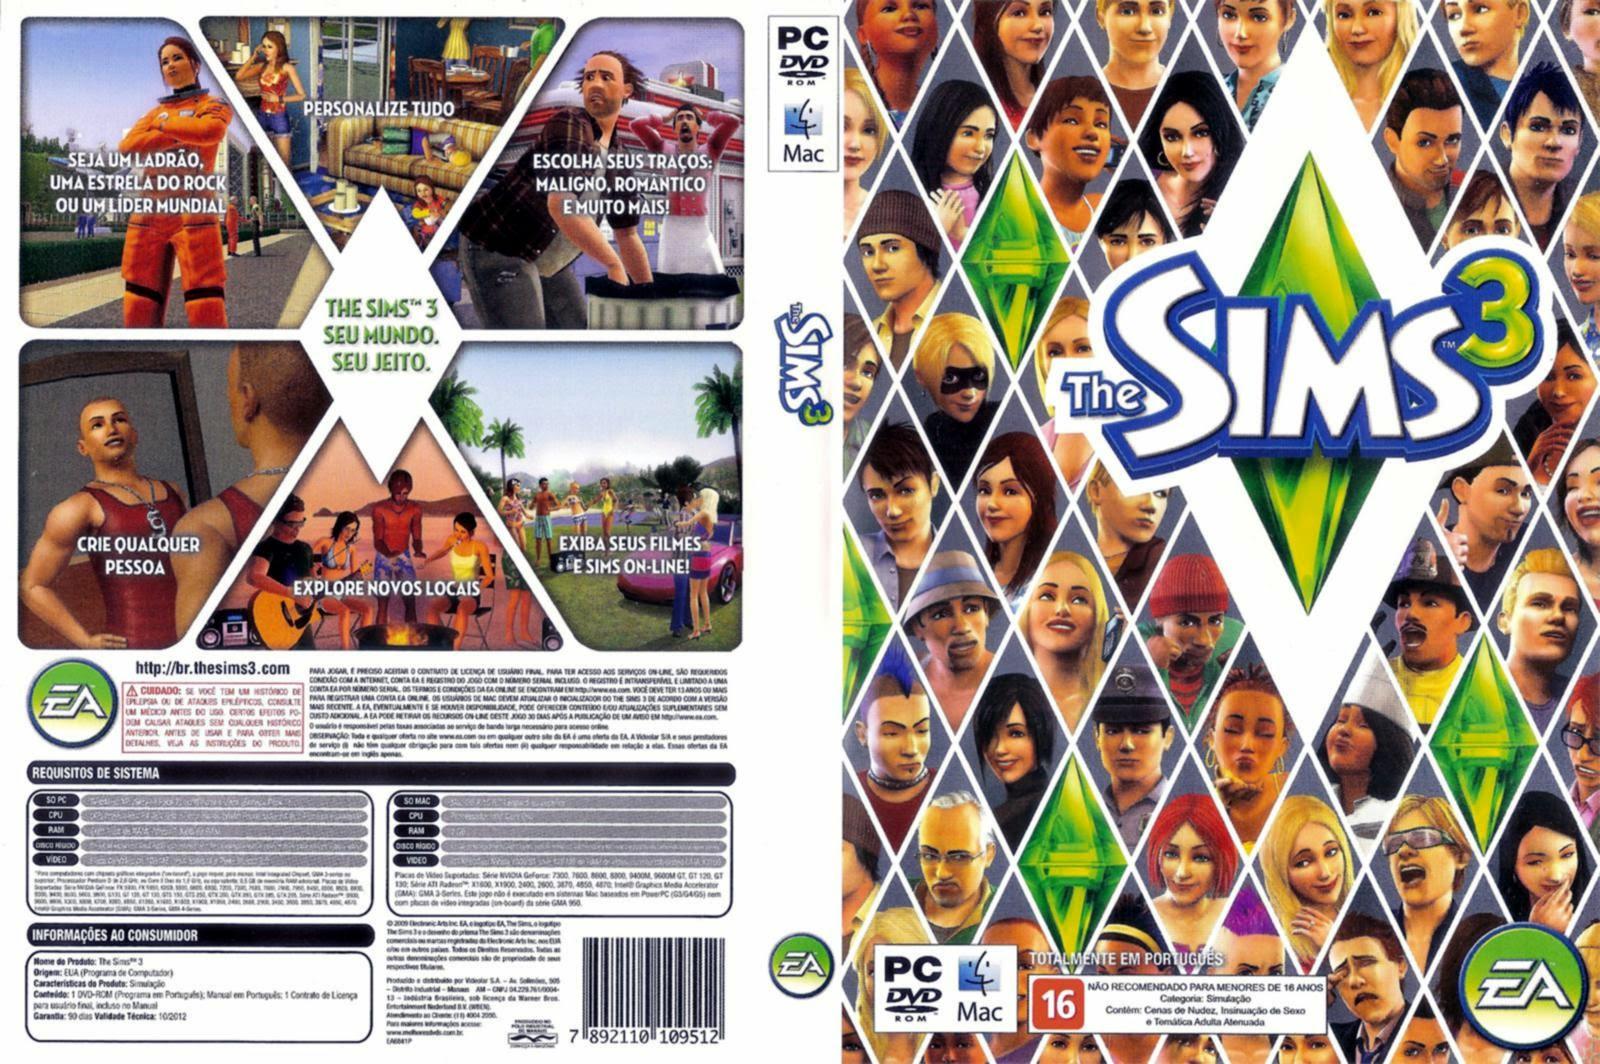 jogos virtuais The Sims 3